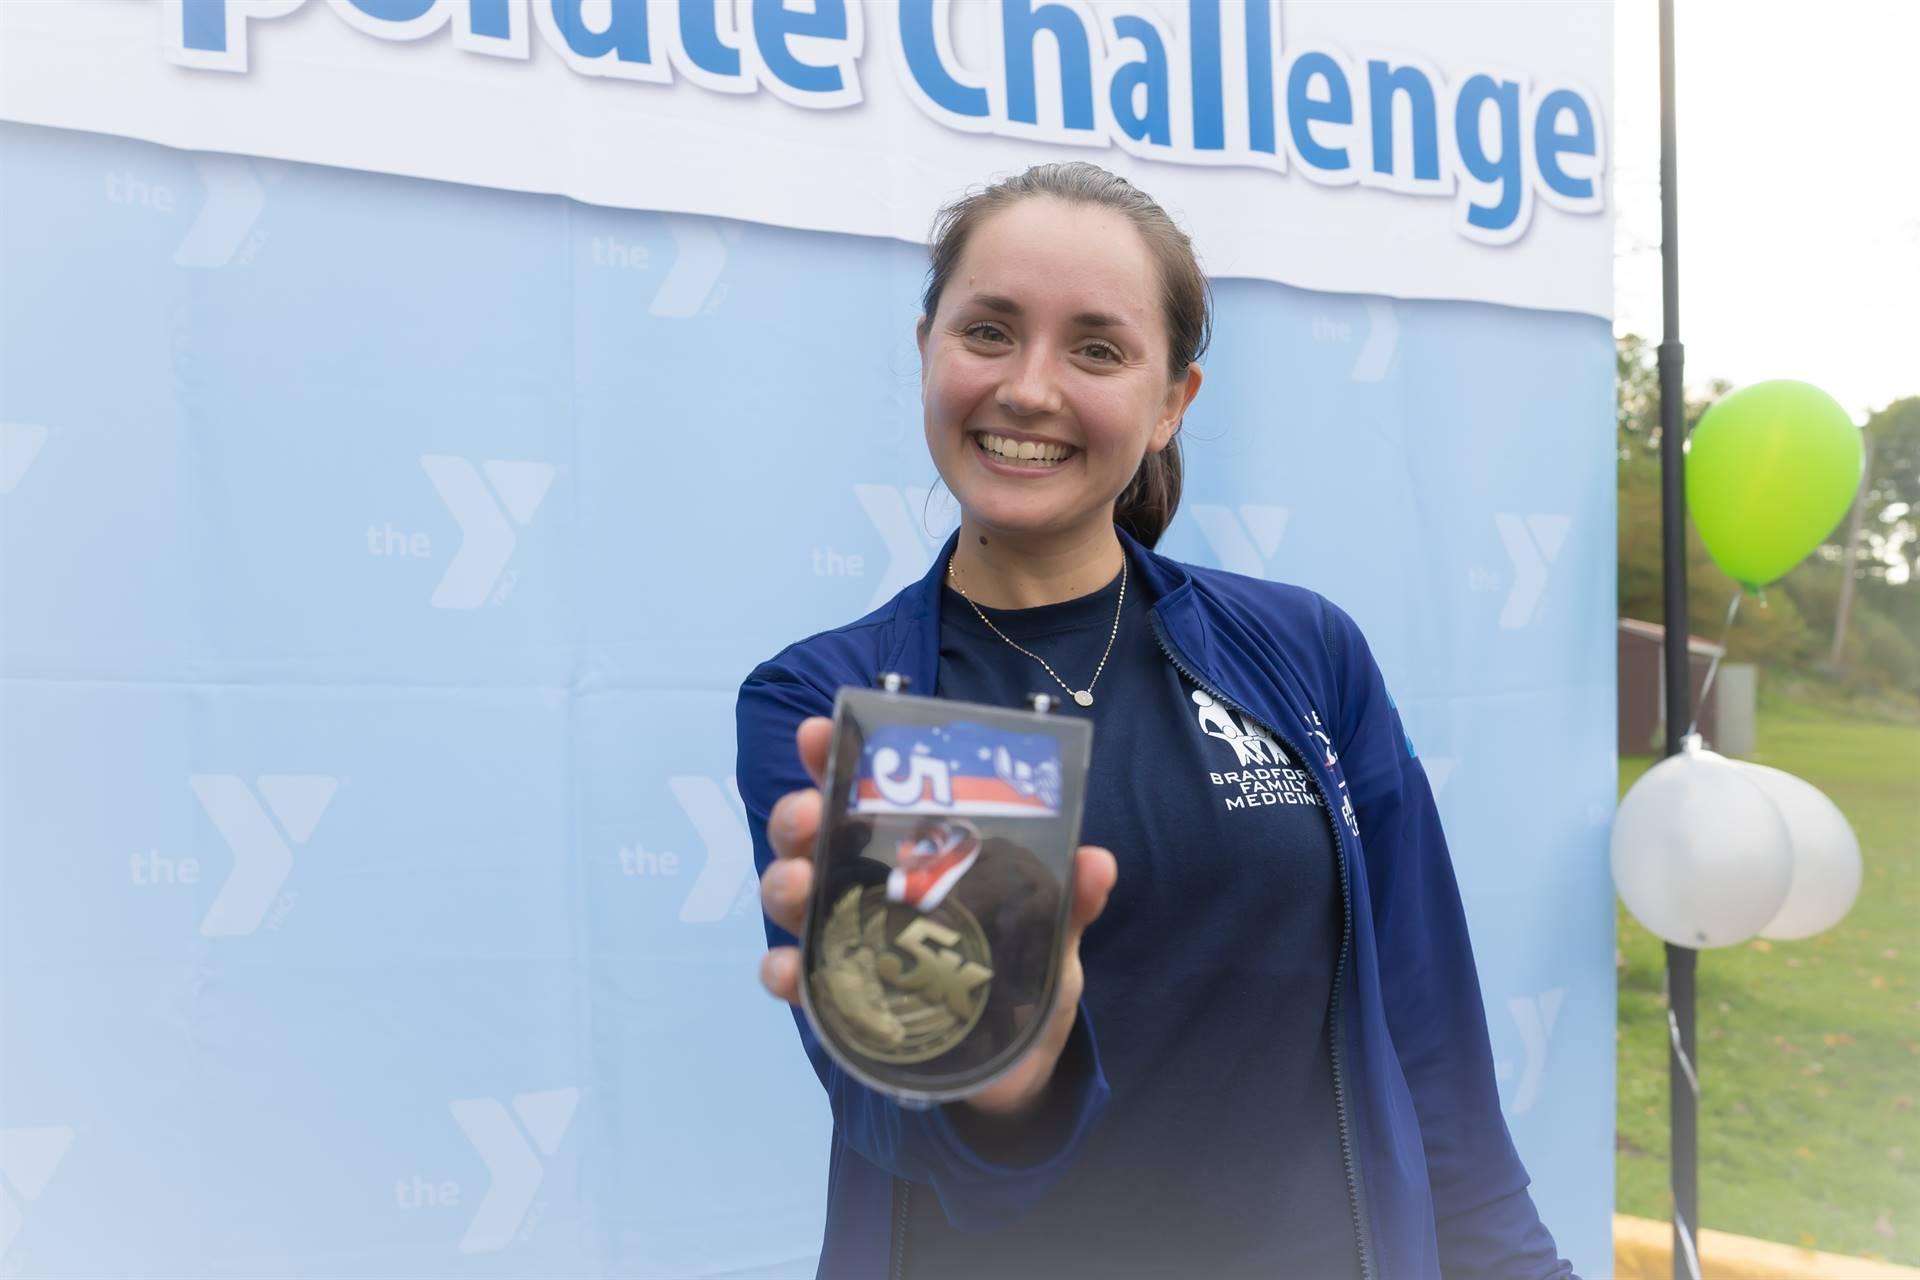 fastest female runner holding up award